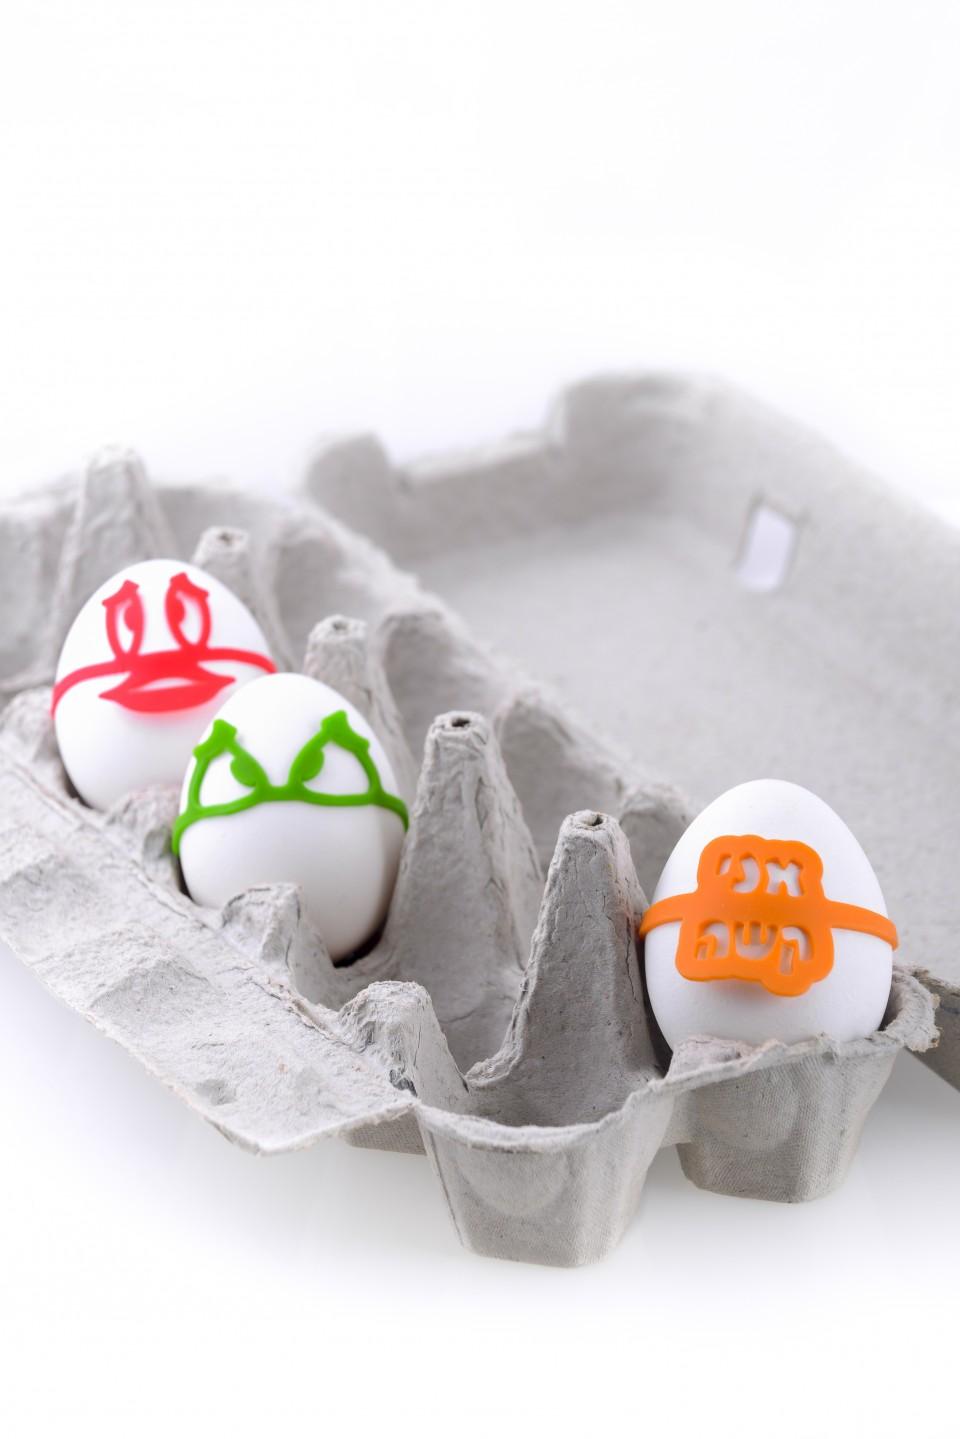 תוויות לסימון ביצה קשה במקרר.